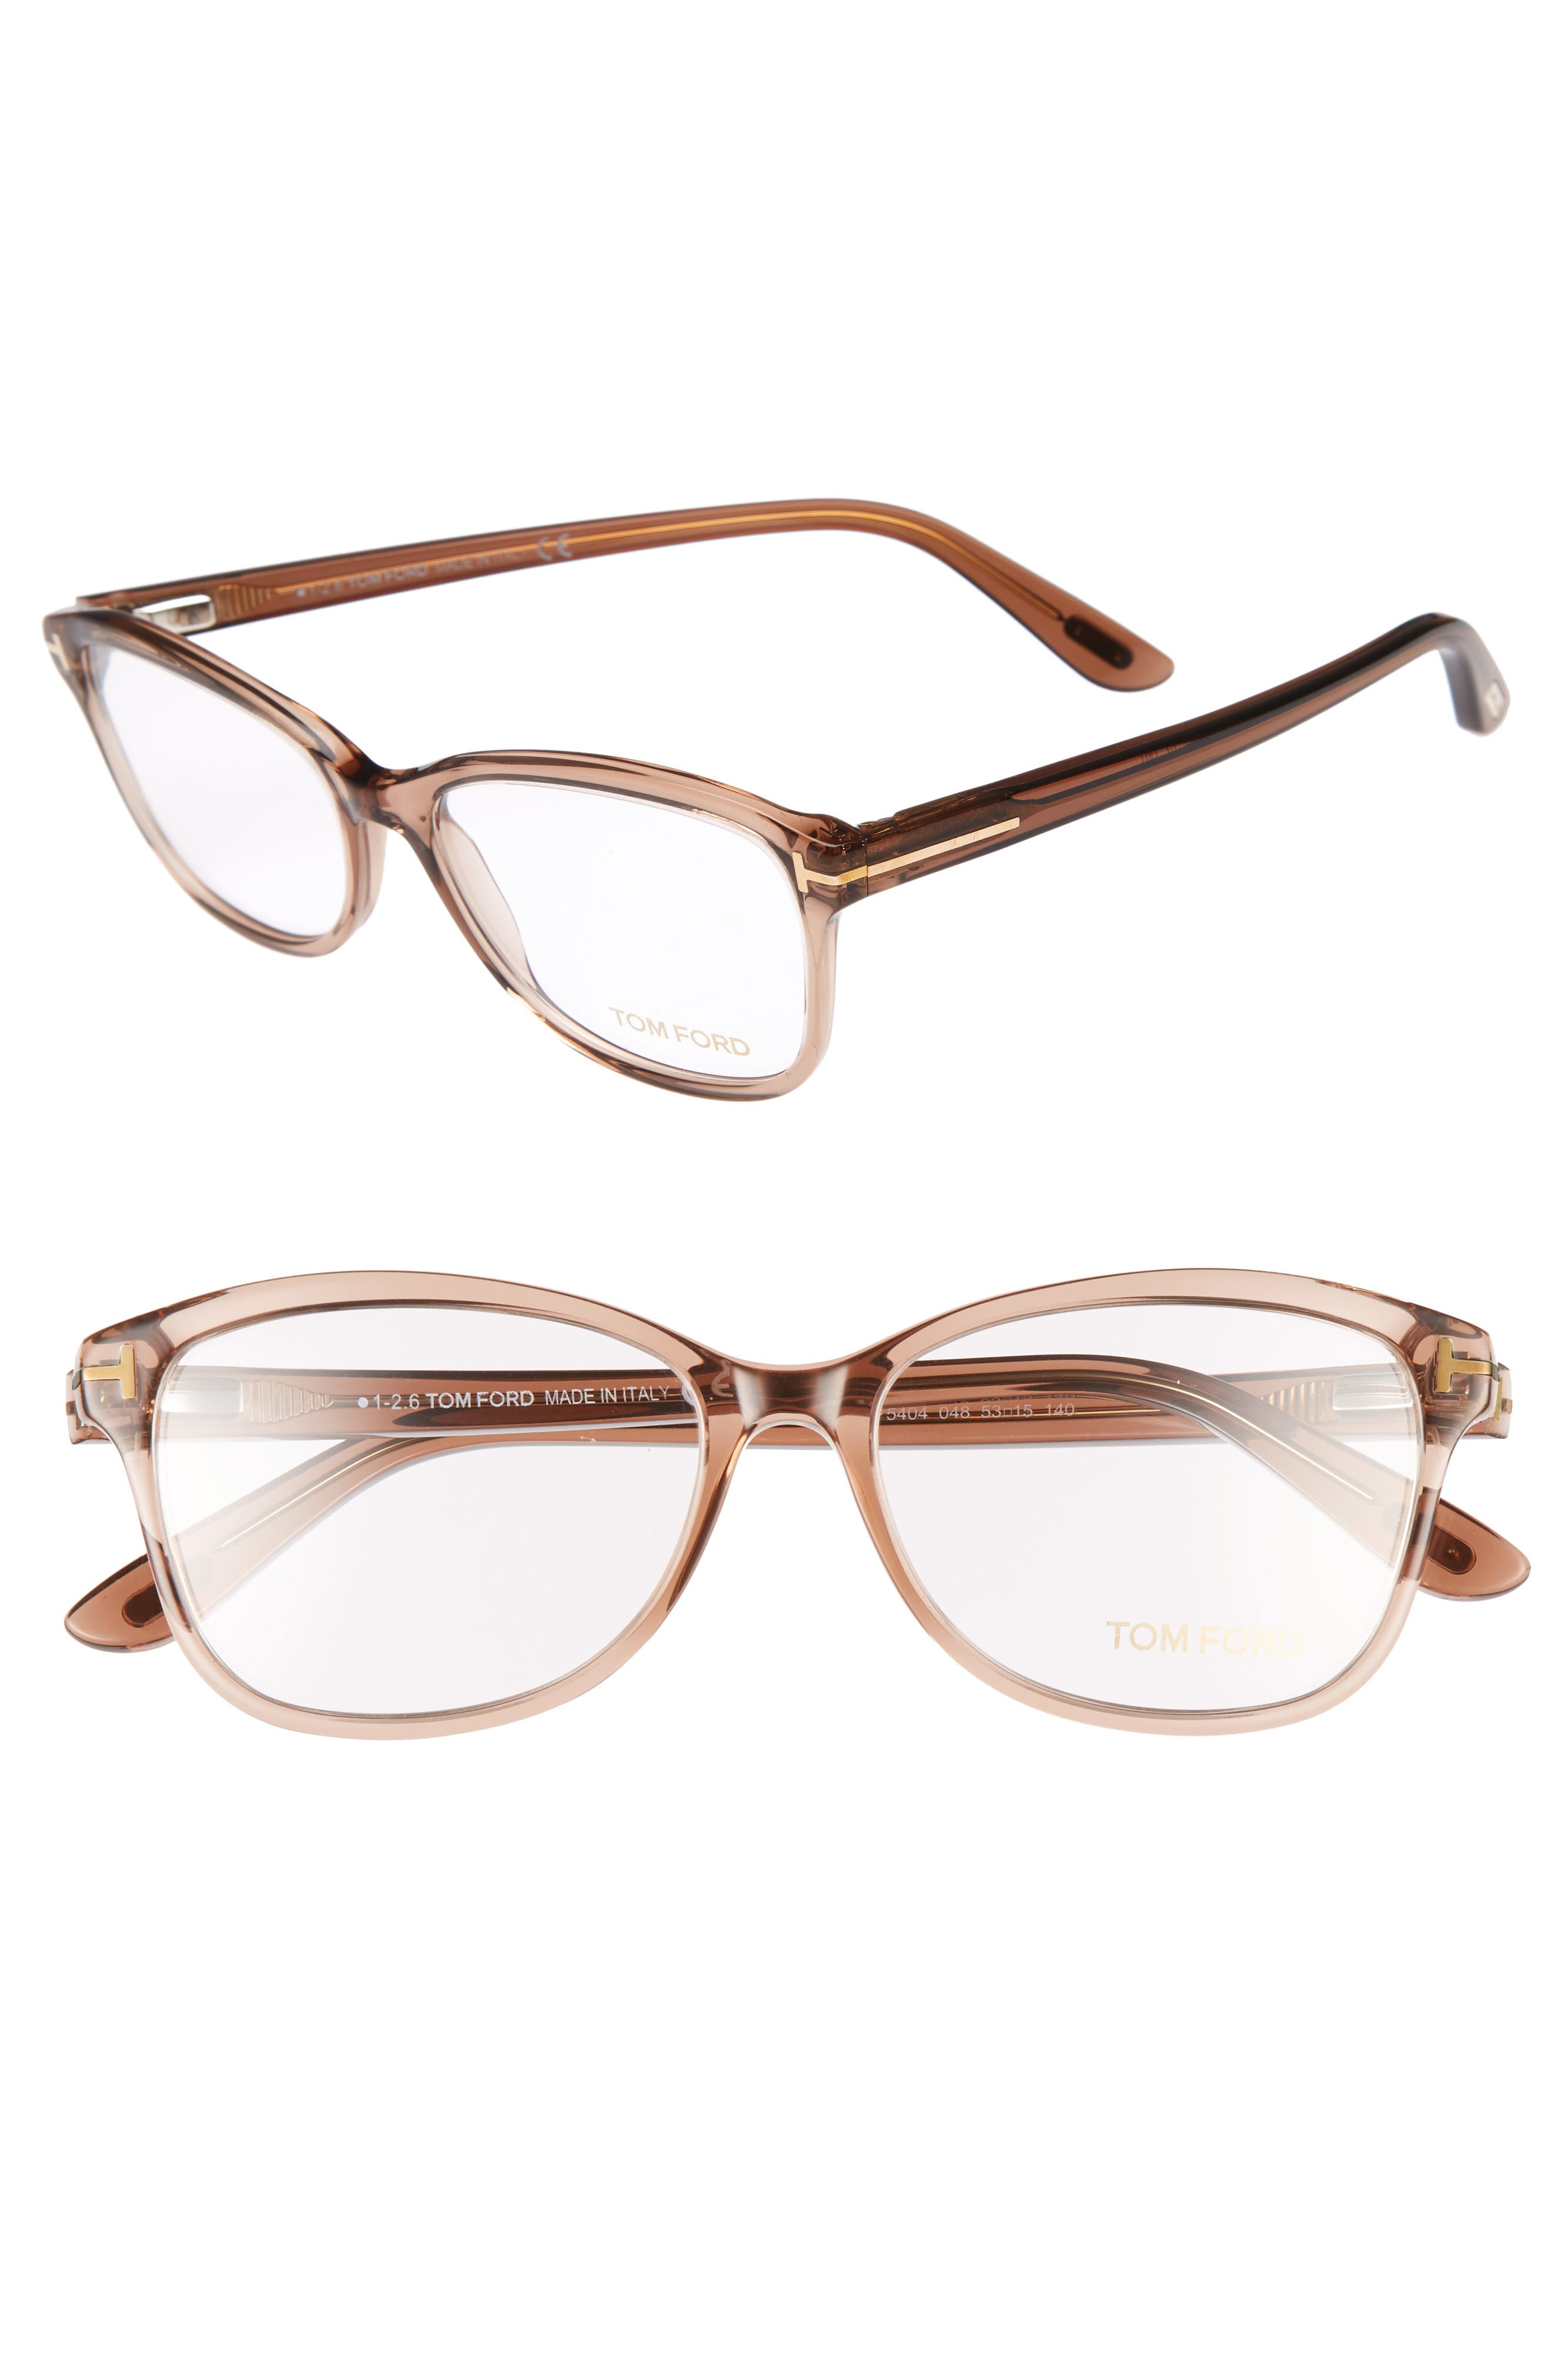 optical women nordstrom eyeglasses tom for glasses c frames ford